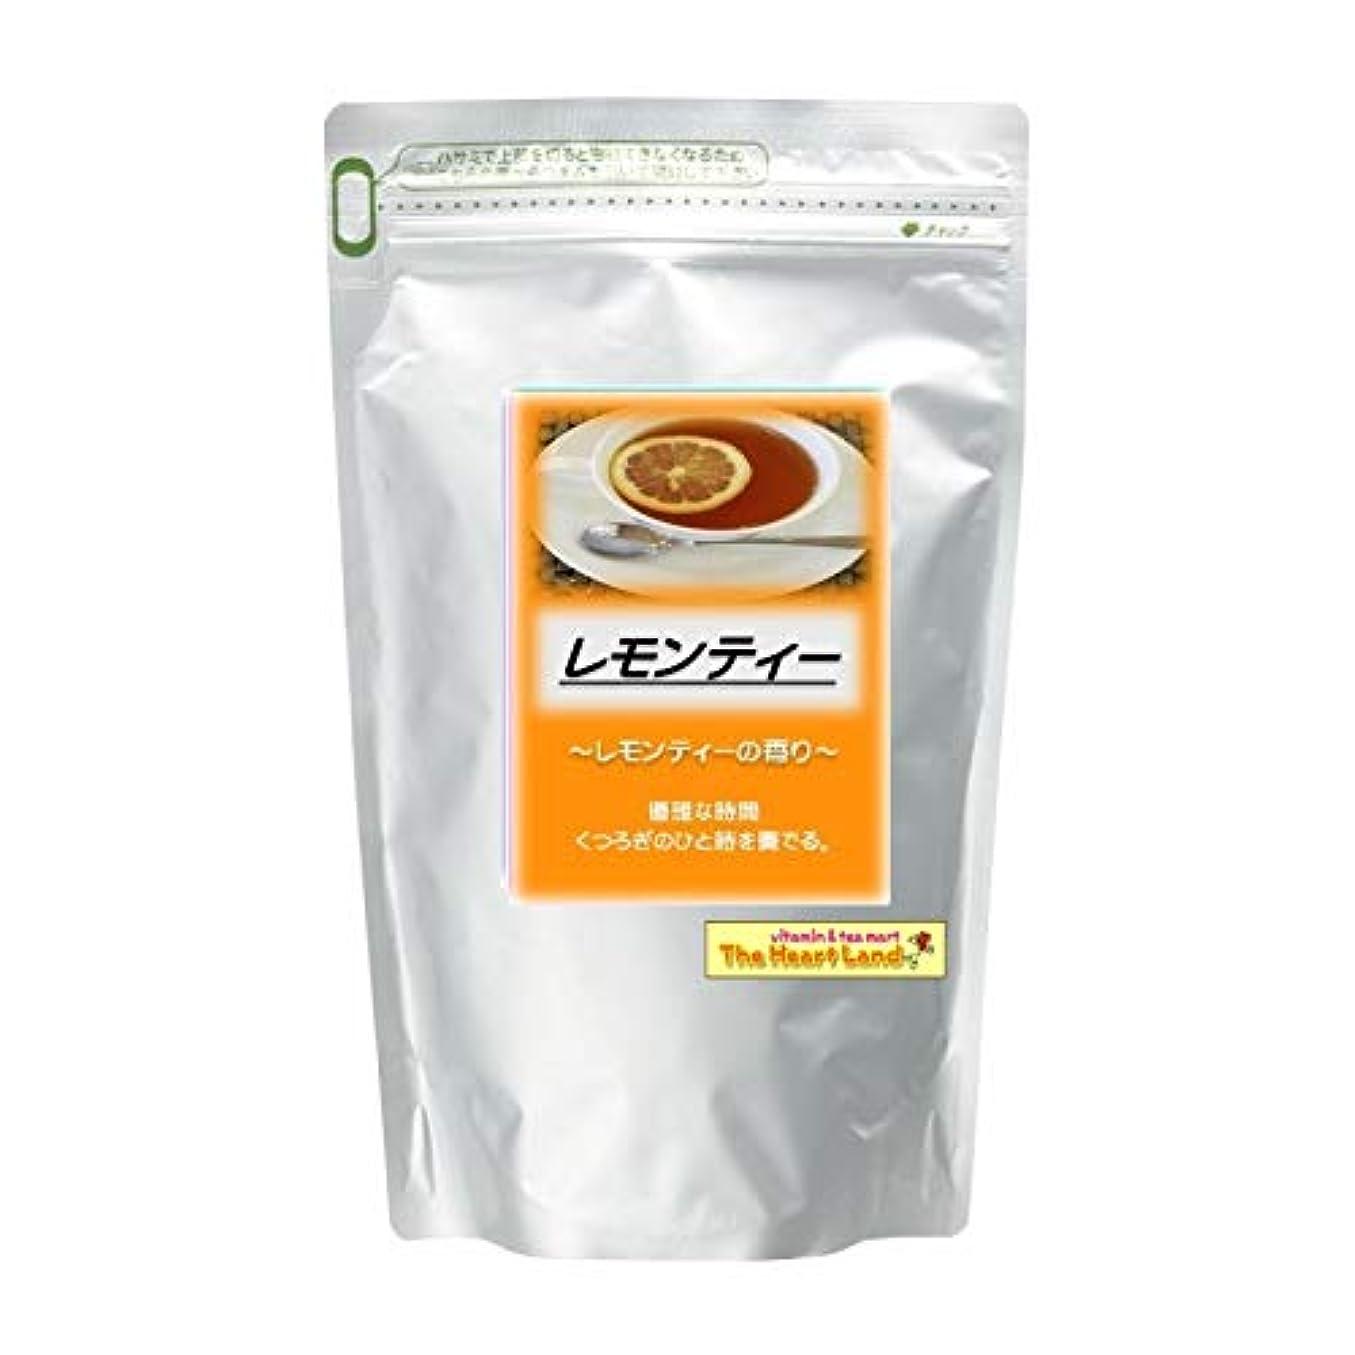 規定放射する彼らのアサヒ入浴剤 浴用入浴化粧品 レモンティー 2.5kg